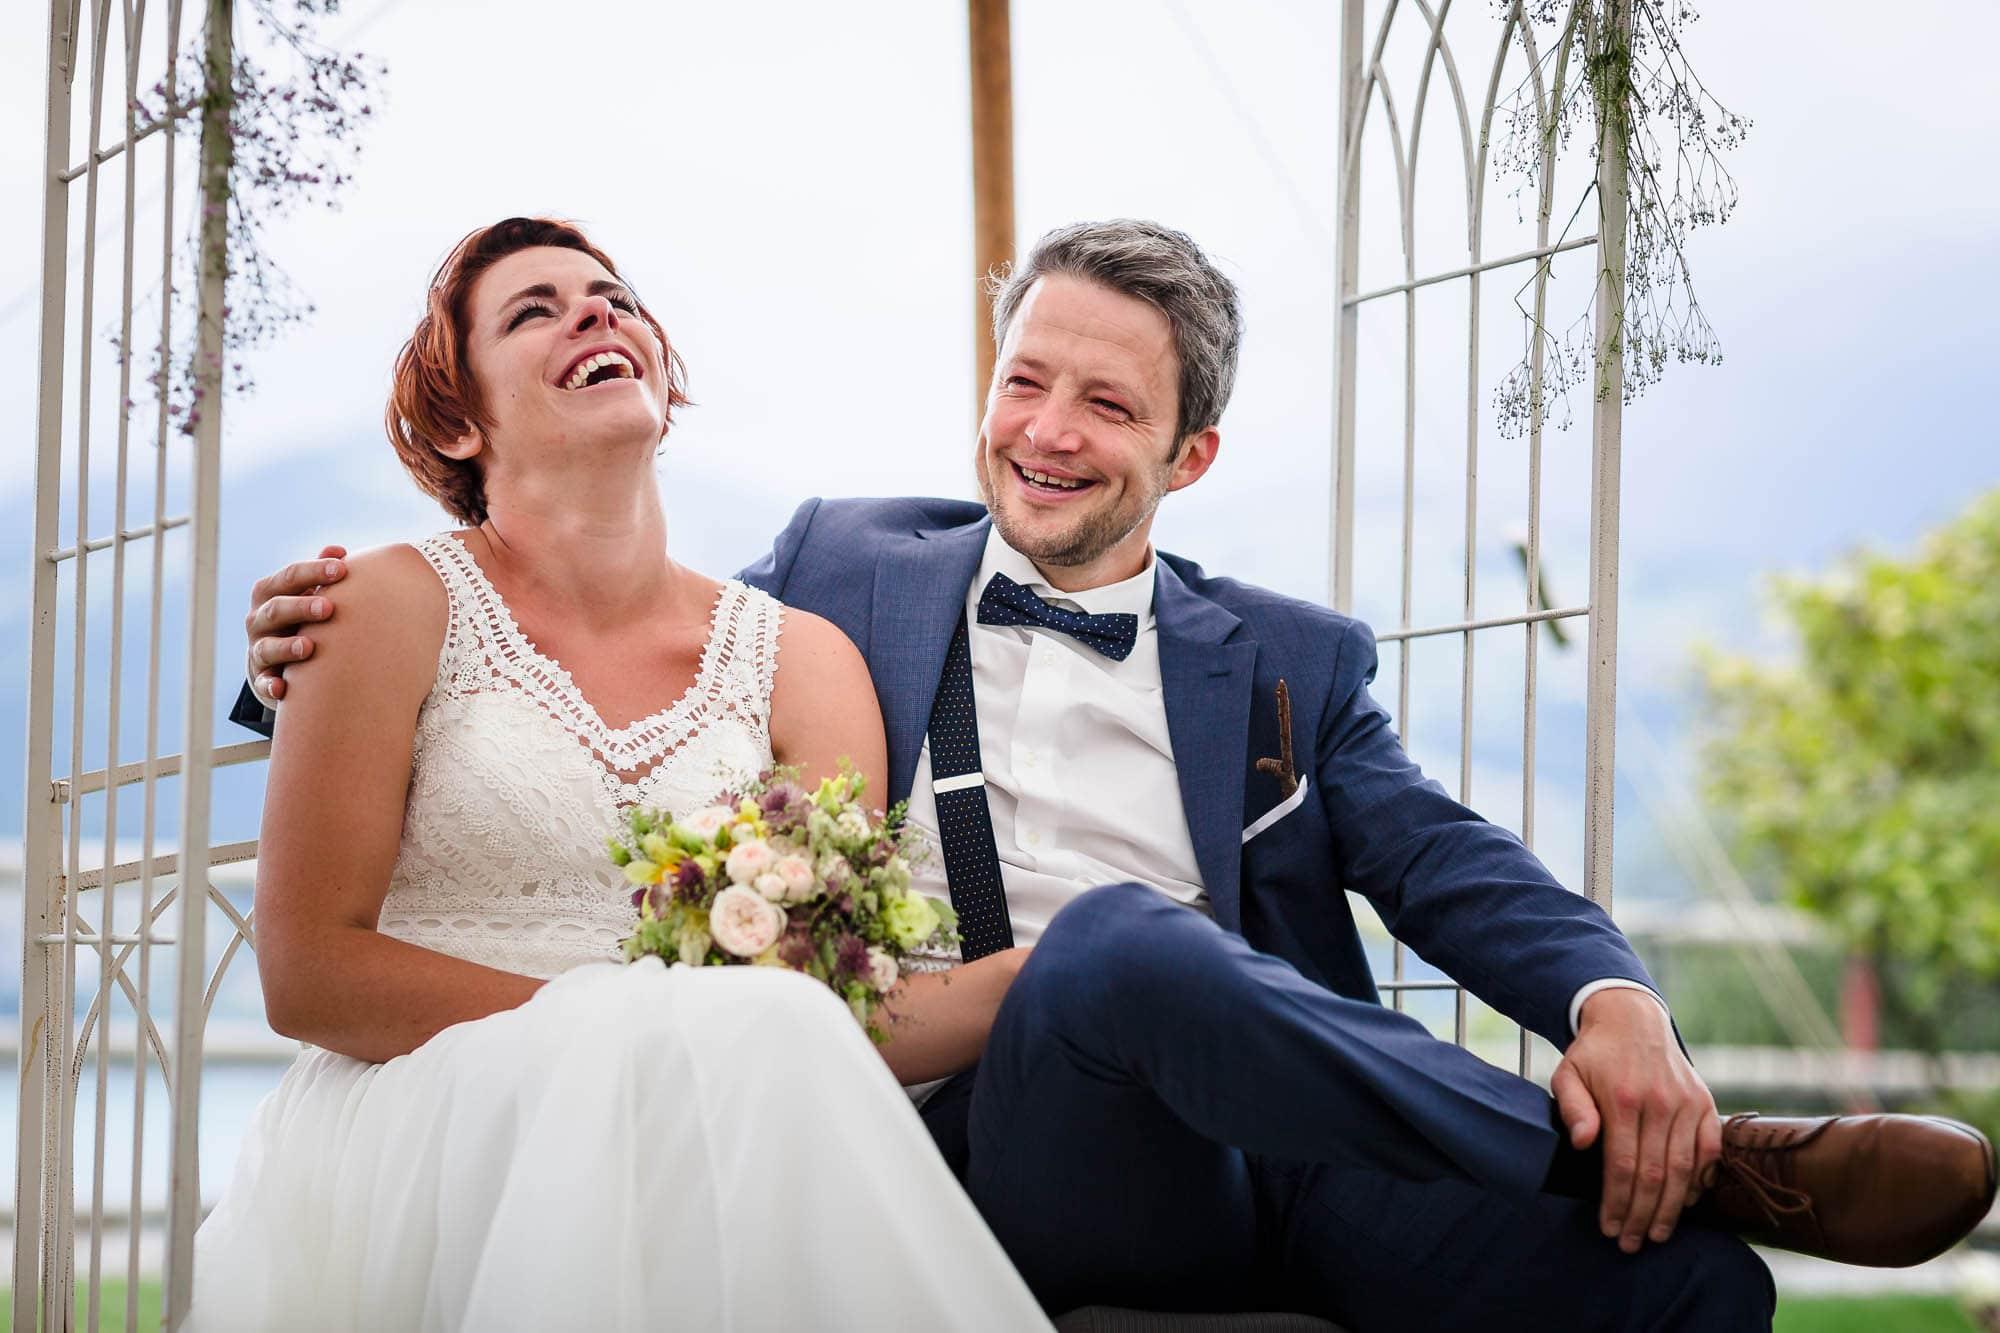 Brautpaar lacht während Zeremonie